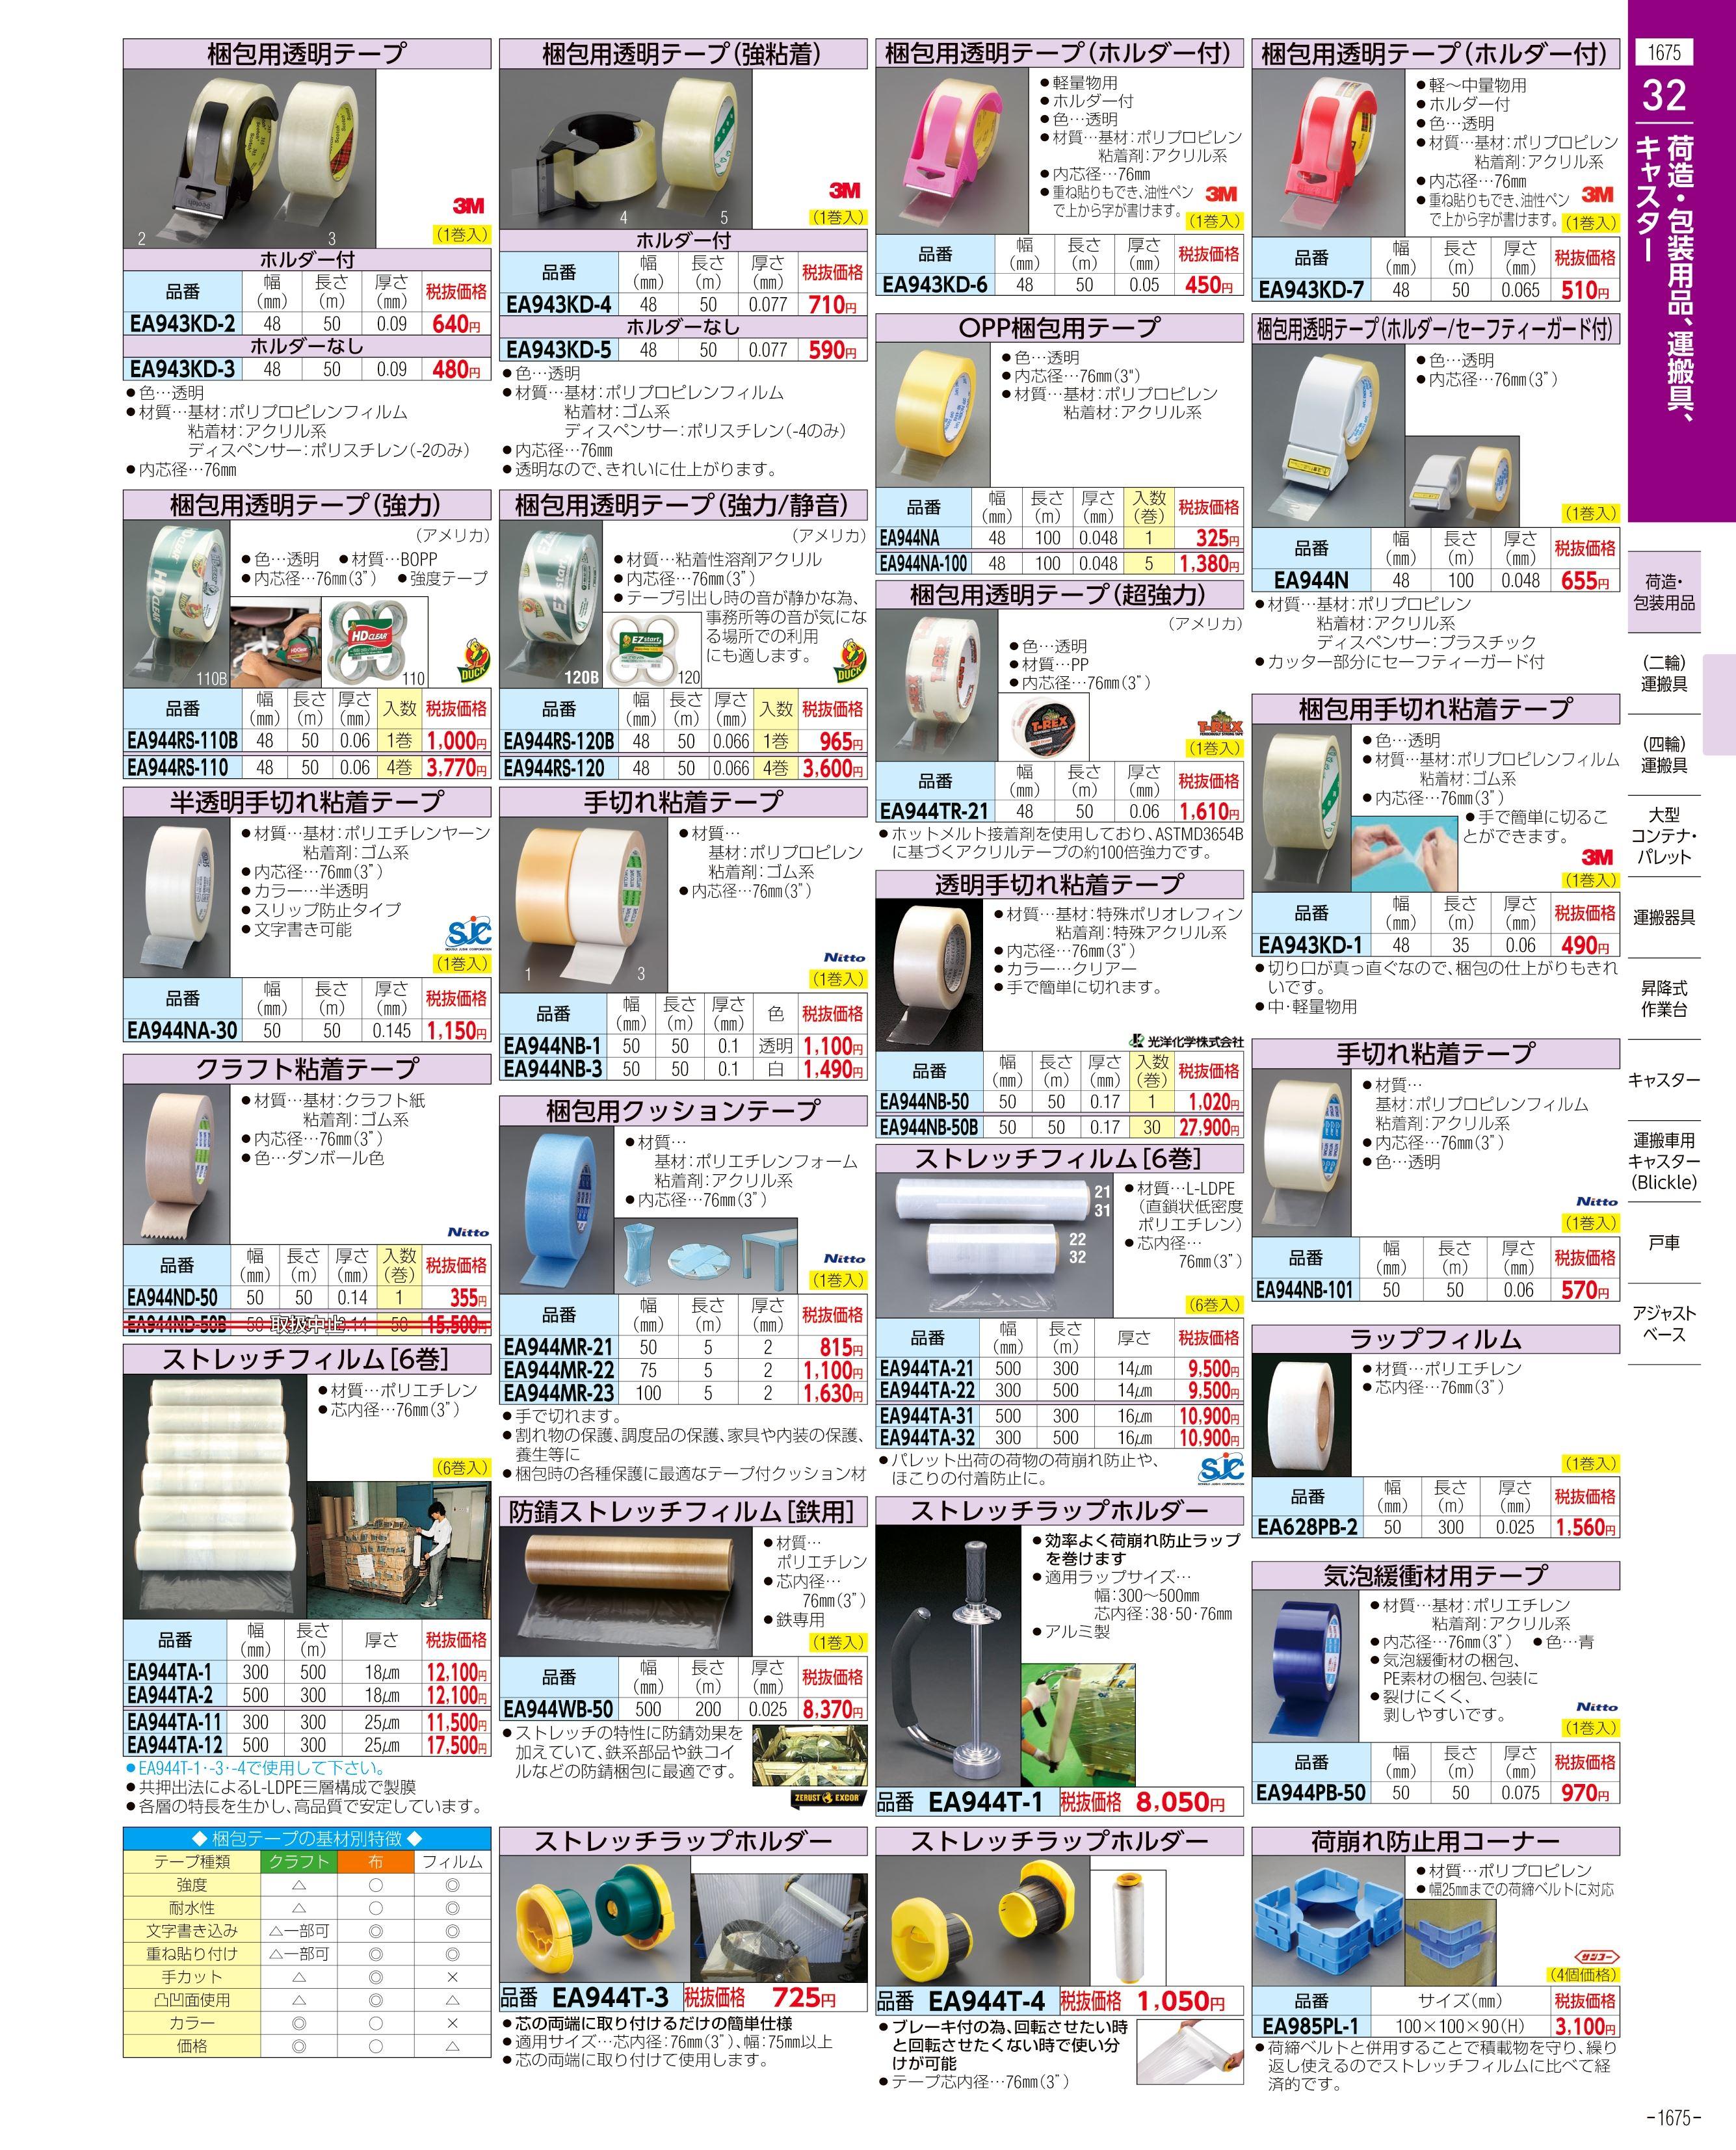 エスコ便利カタログ1675ページ